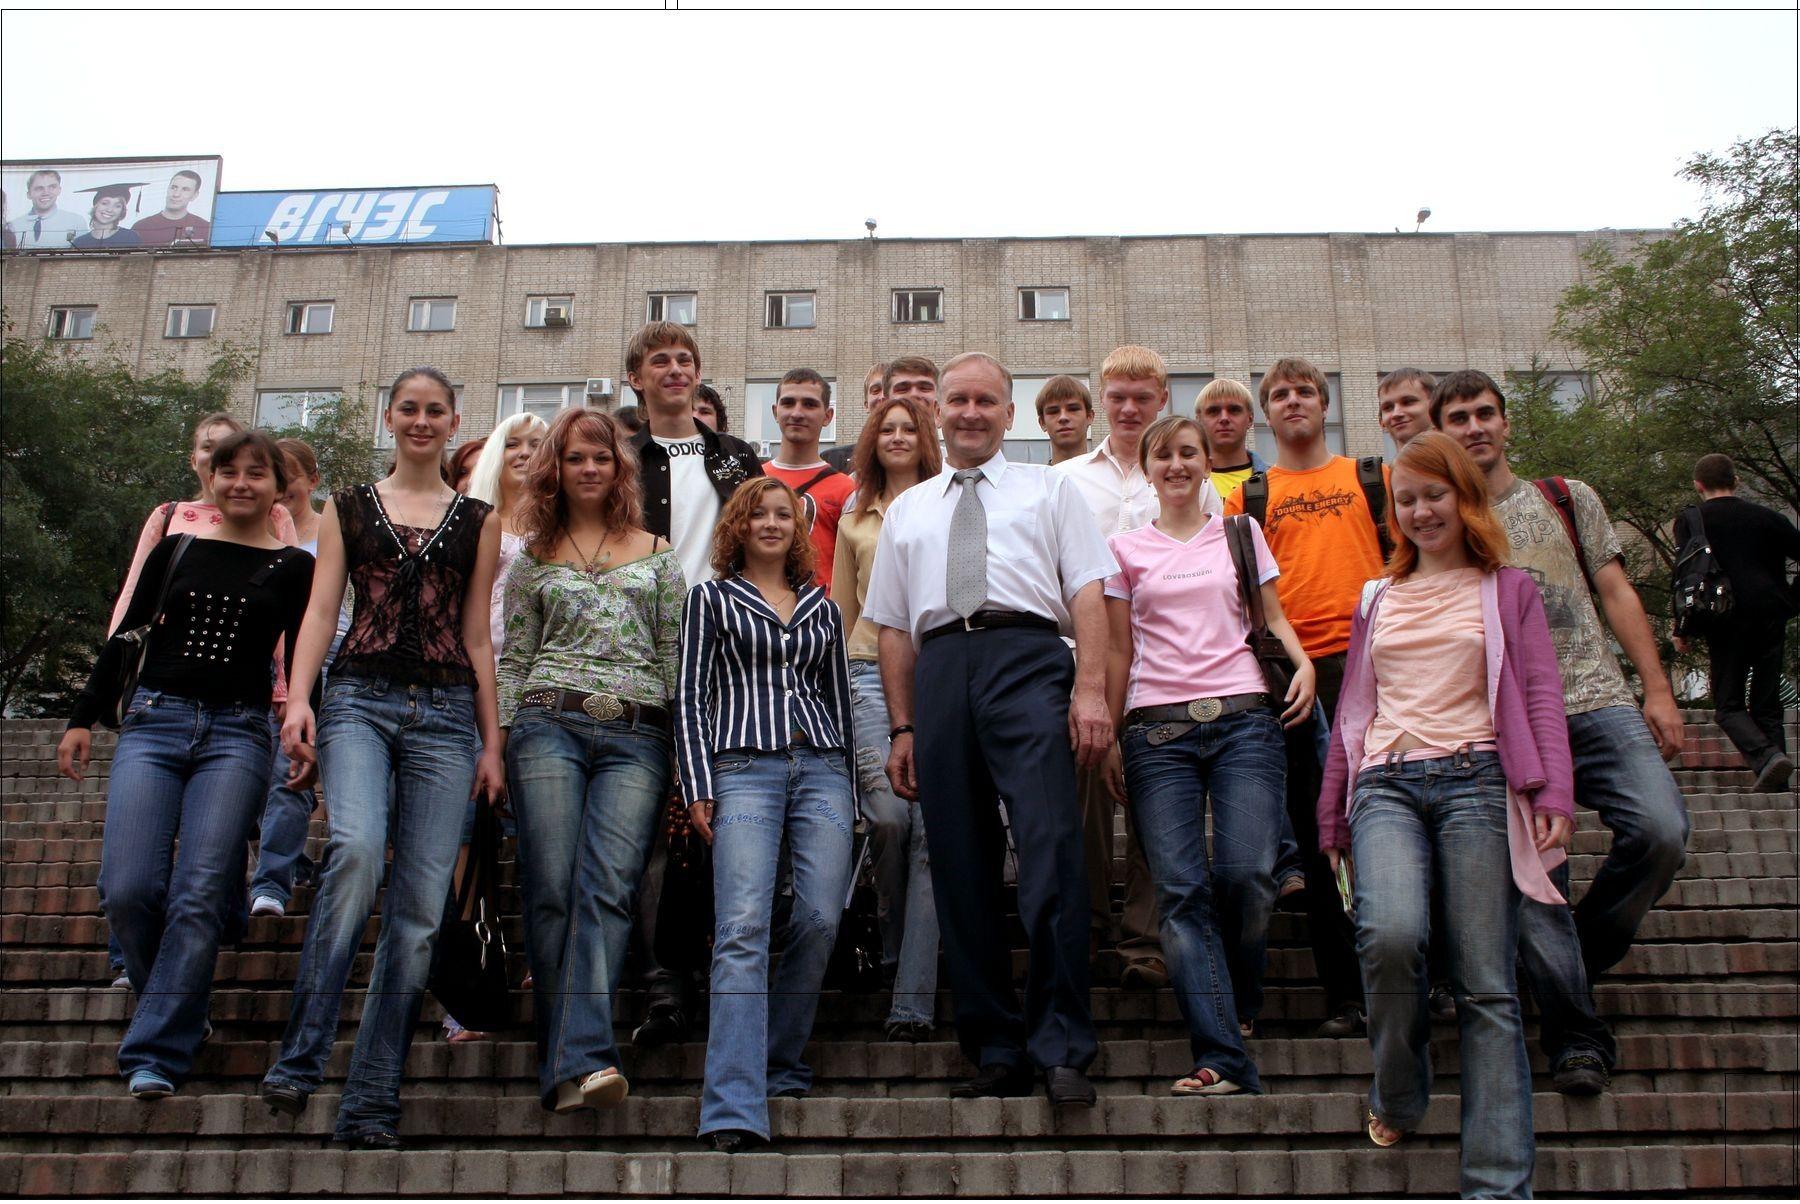 Президент ВГУЭС Геннадий Лазарев: «Чтобы добиться успеха, нужно одно - работать!»